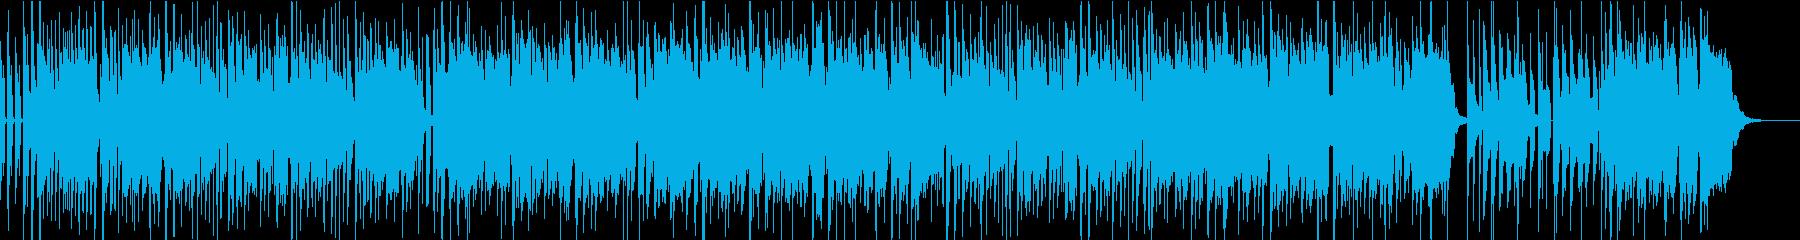 エアー感に満ちた歌のダンサブルポップスの再生済みの波形